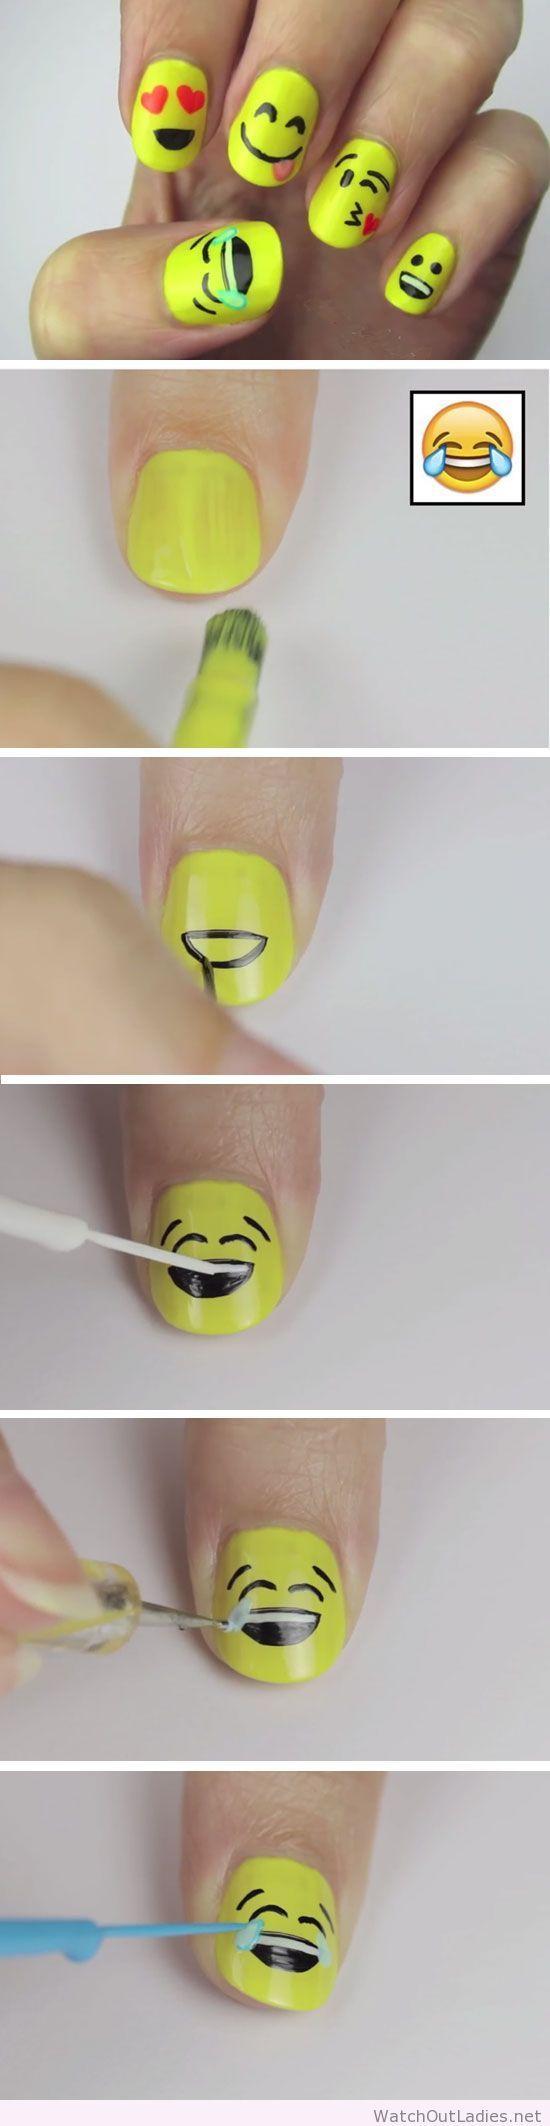 Passo a passo da unha de emoji   Nails   Pinterest   Diseños de uñas ...